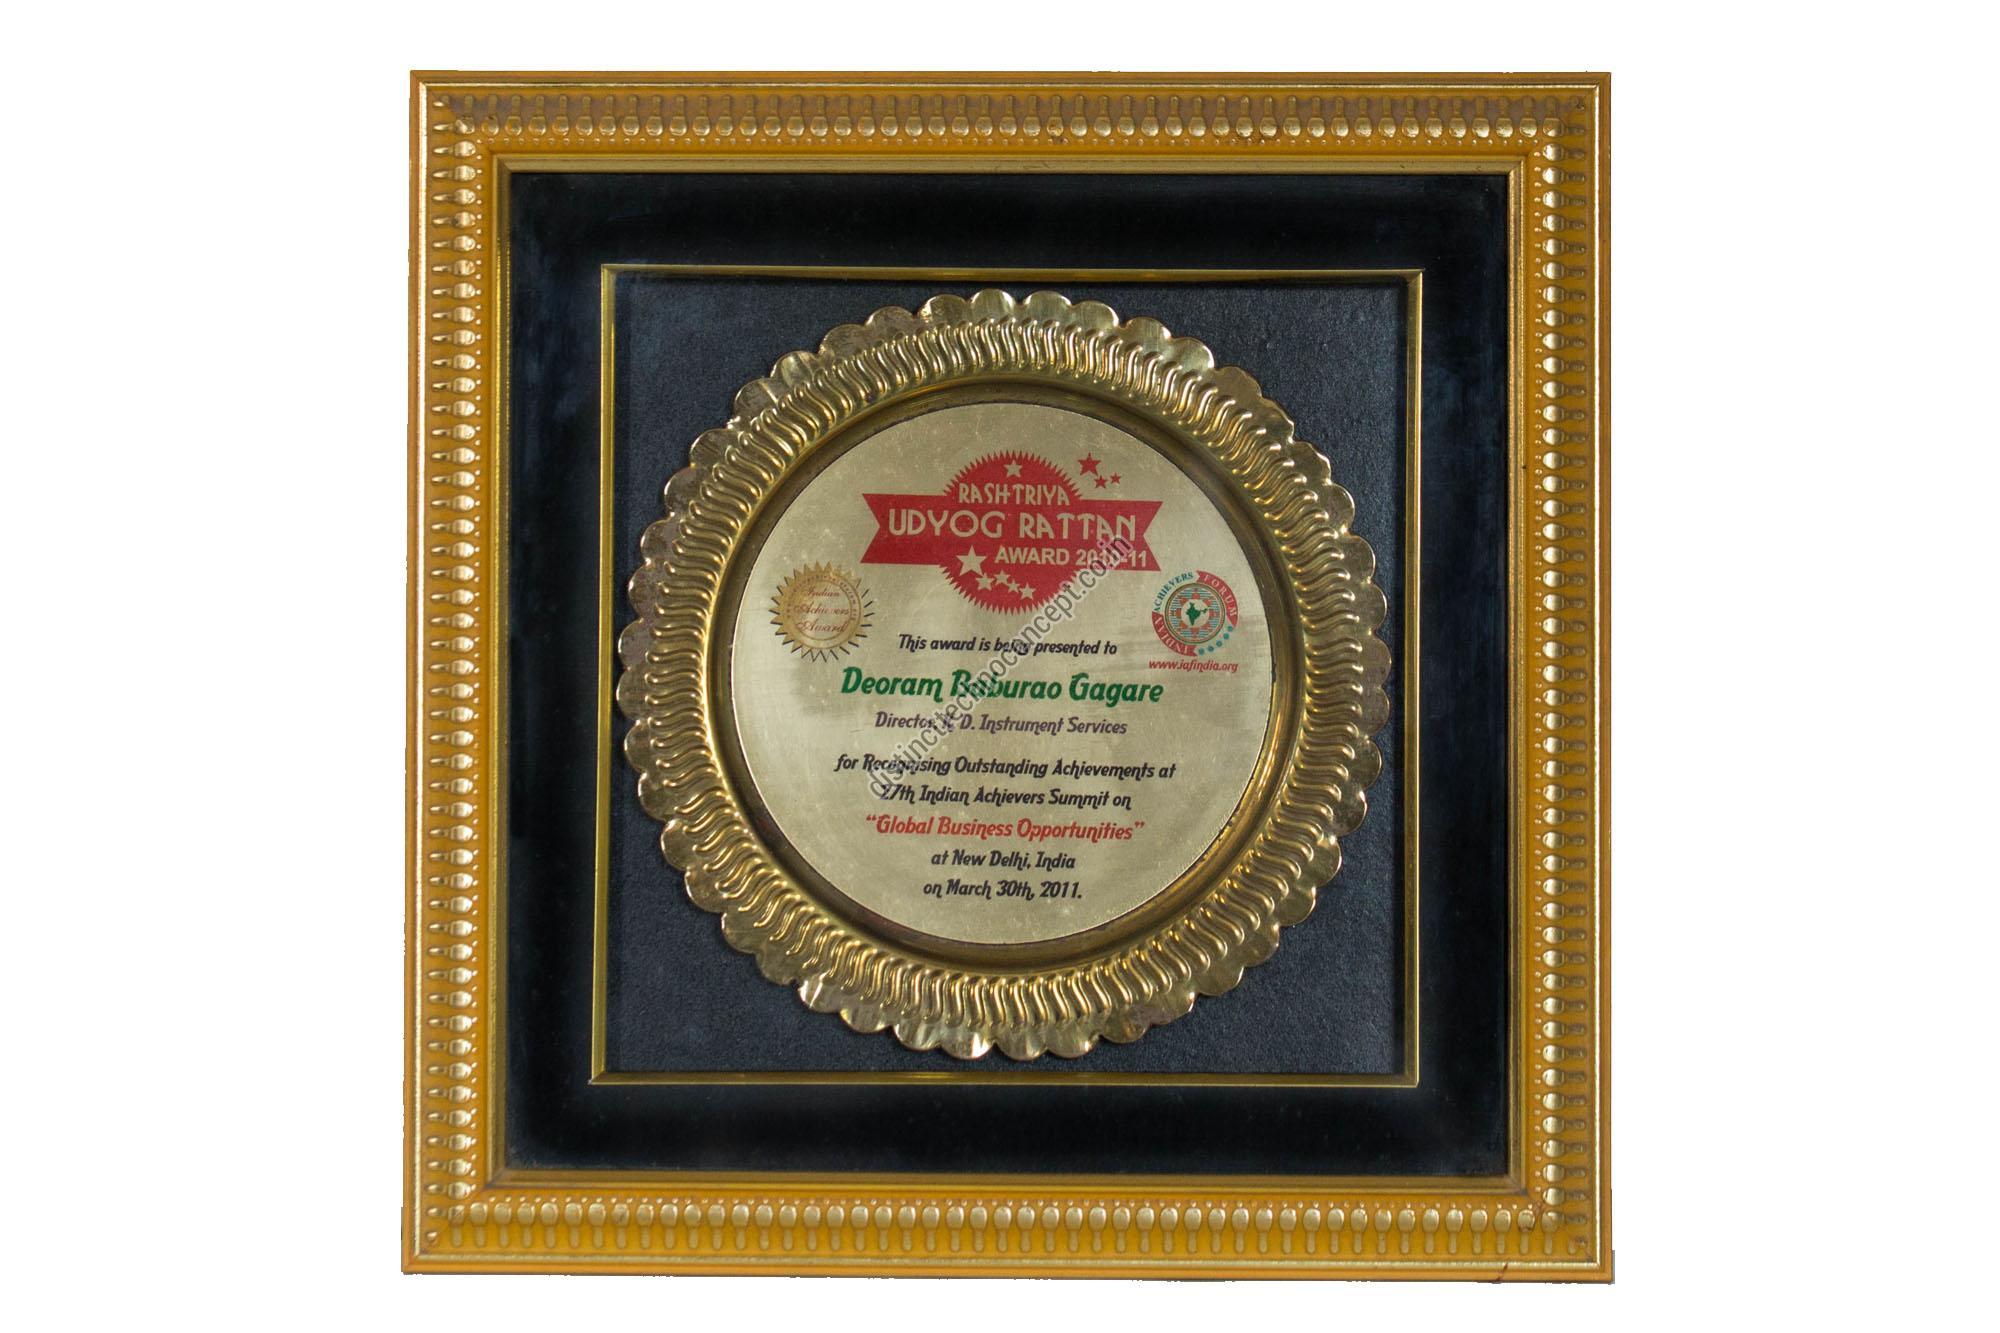 Rashtriya Udyog Rattan Award